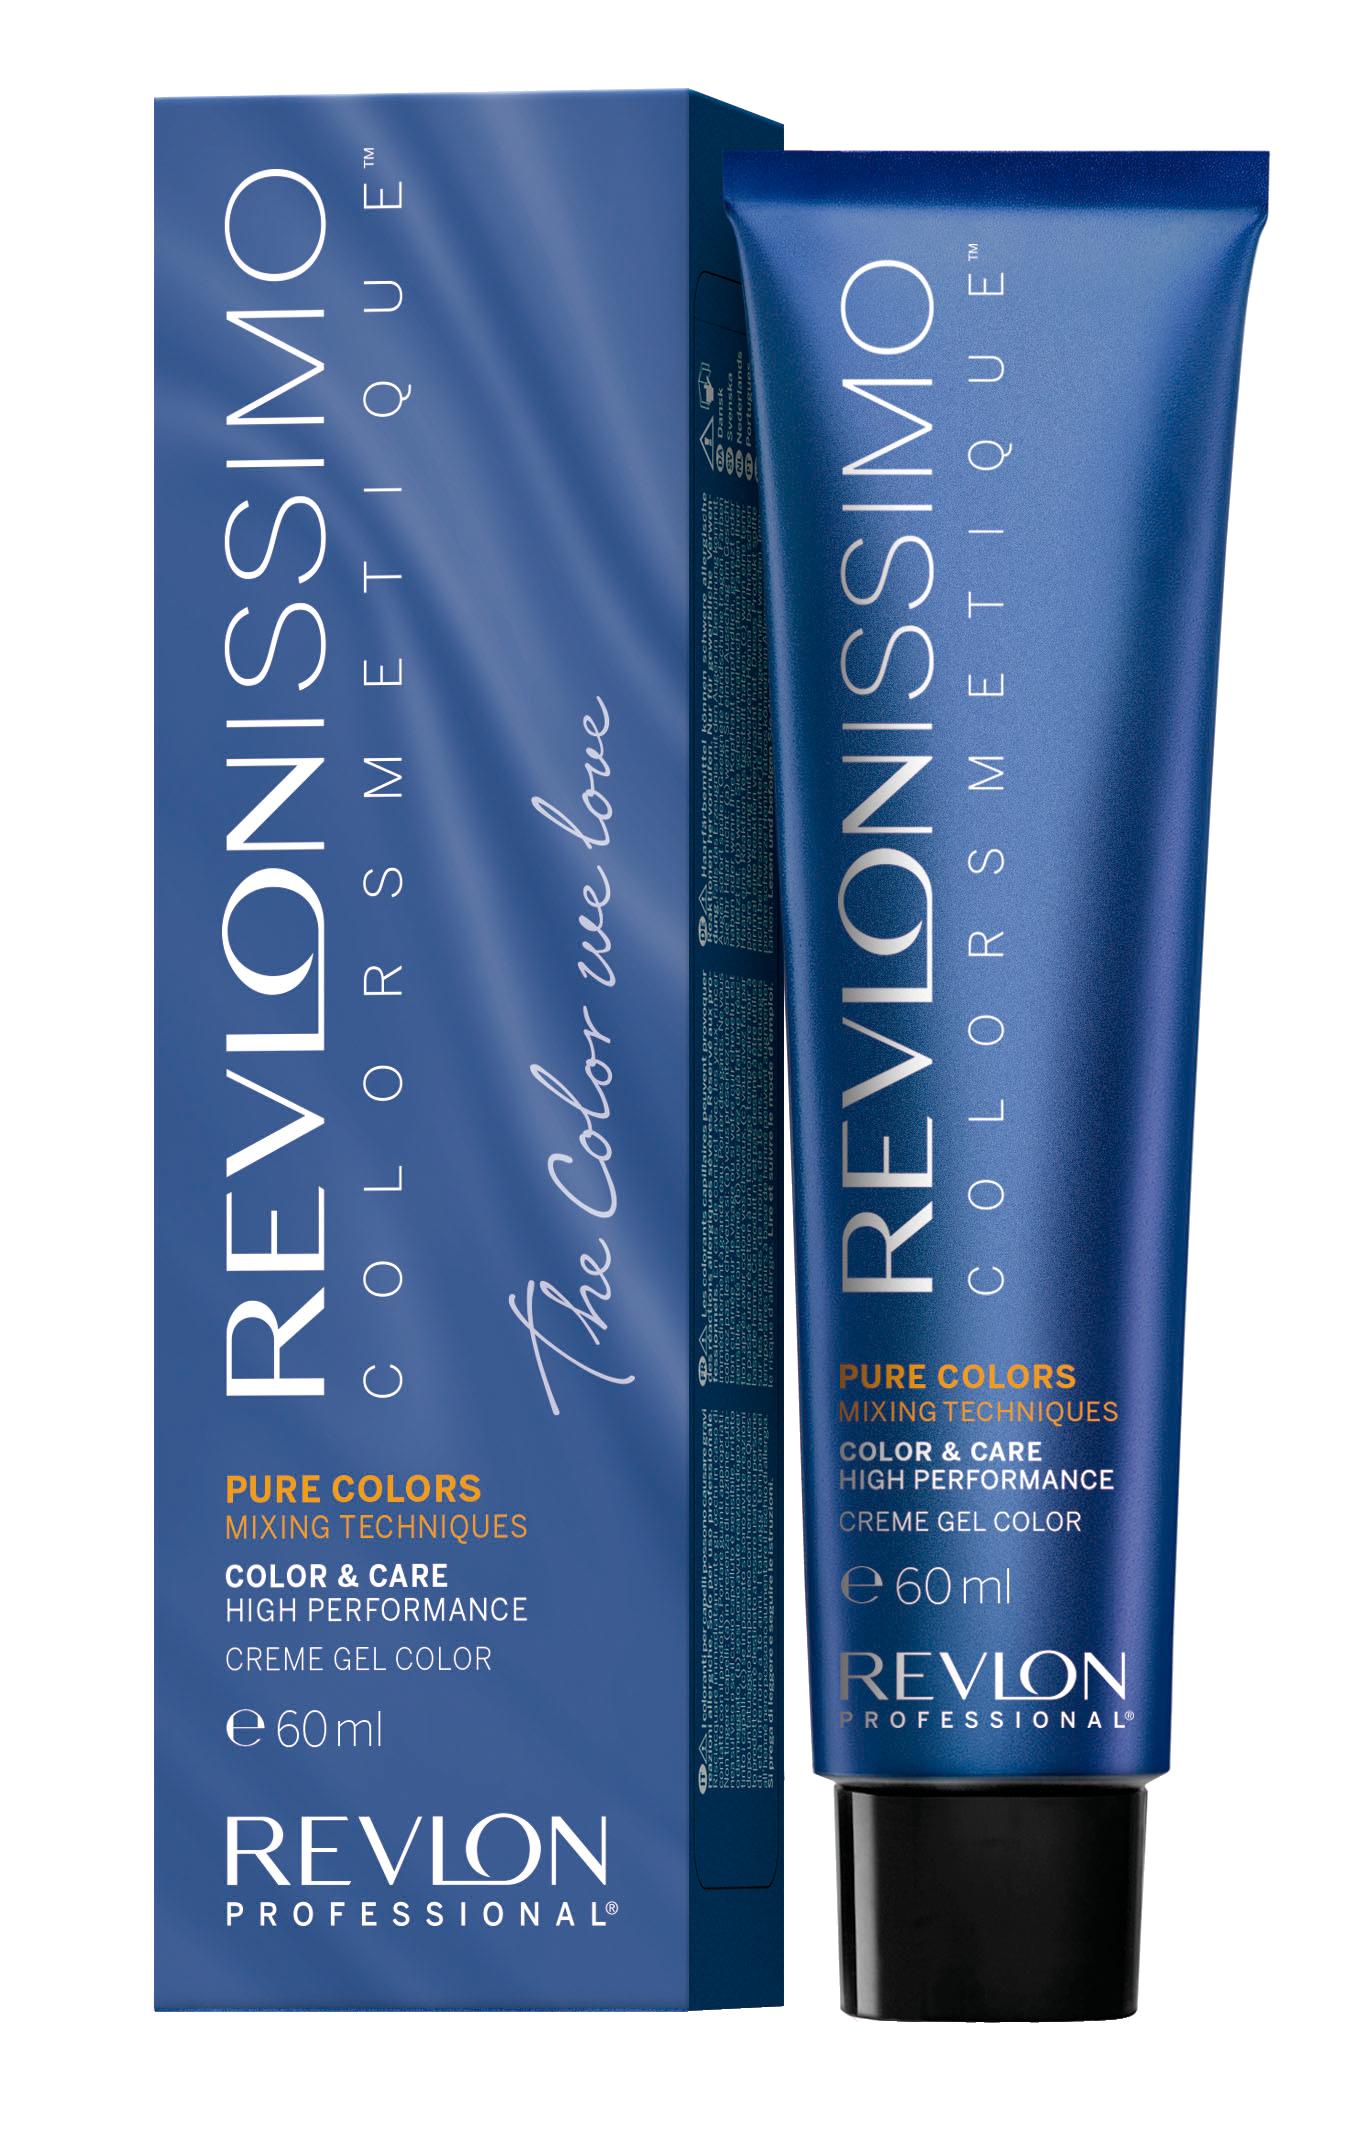 REVLON Professional 900 краска для волос, фуксия / RP REVLONISSIMO COLORSMETIQUE PURE COLORS 60 мл краски для волос revlon professional краска для волос rp revlonissimo colorsmetique 5sn светло коричневый супернатуральный